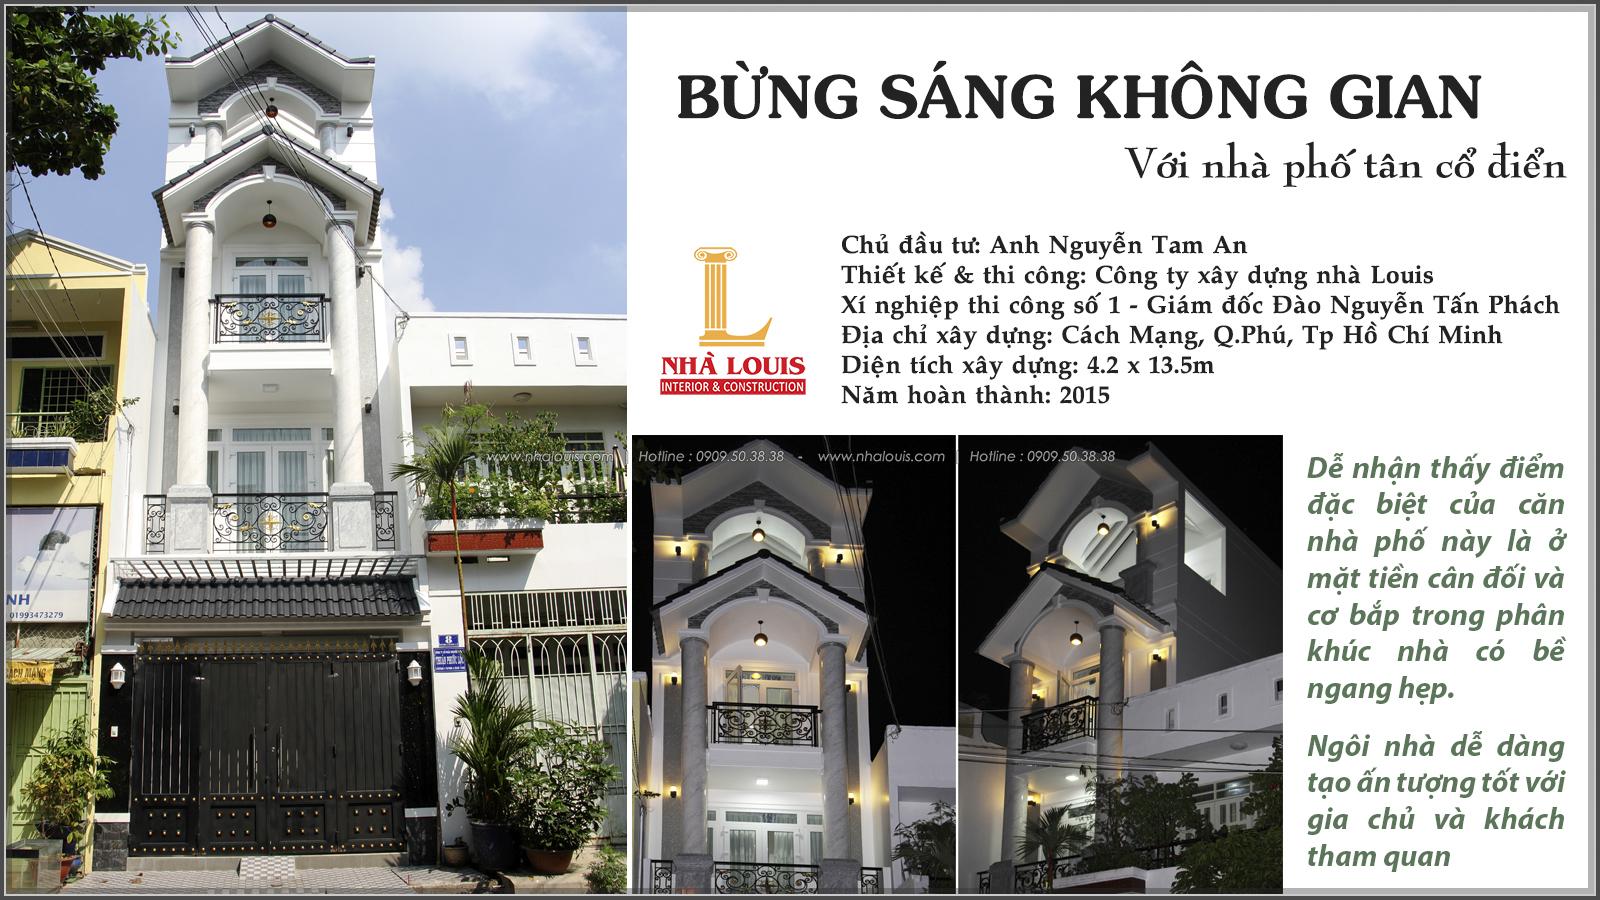 Thi công xây dựng nhà phố bán cổ điển mặt tiền 4m tại Quận Tân Phú - 01